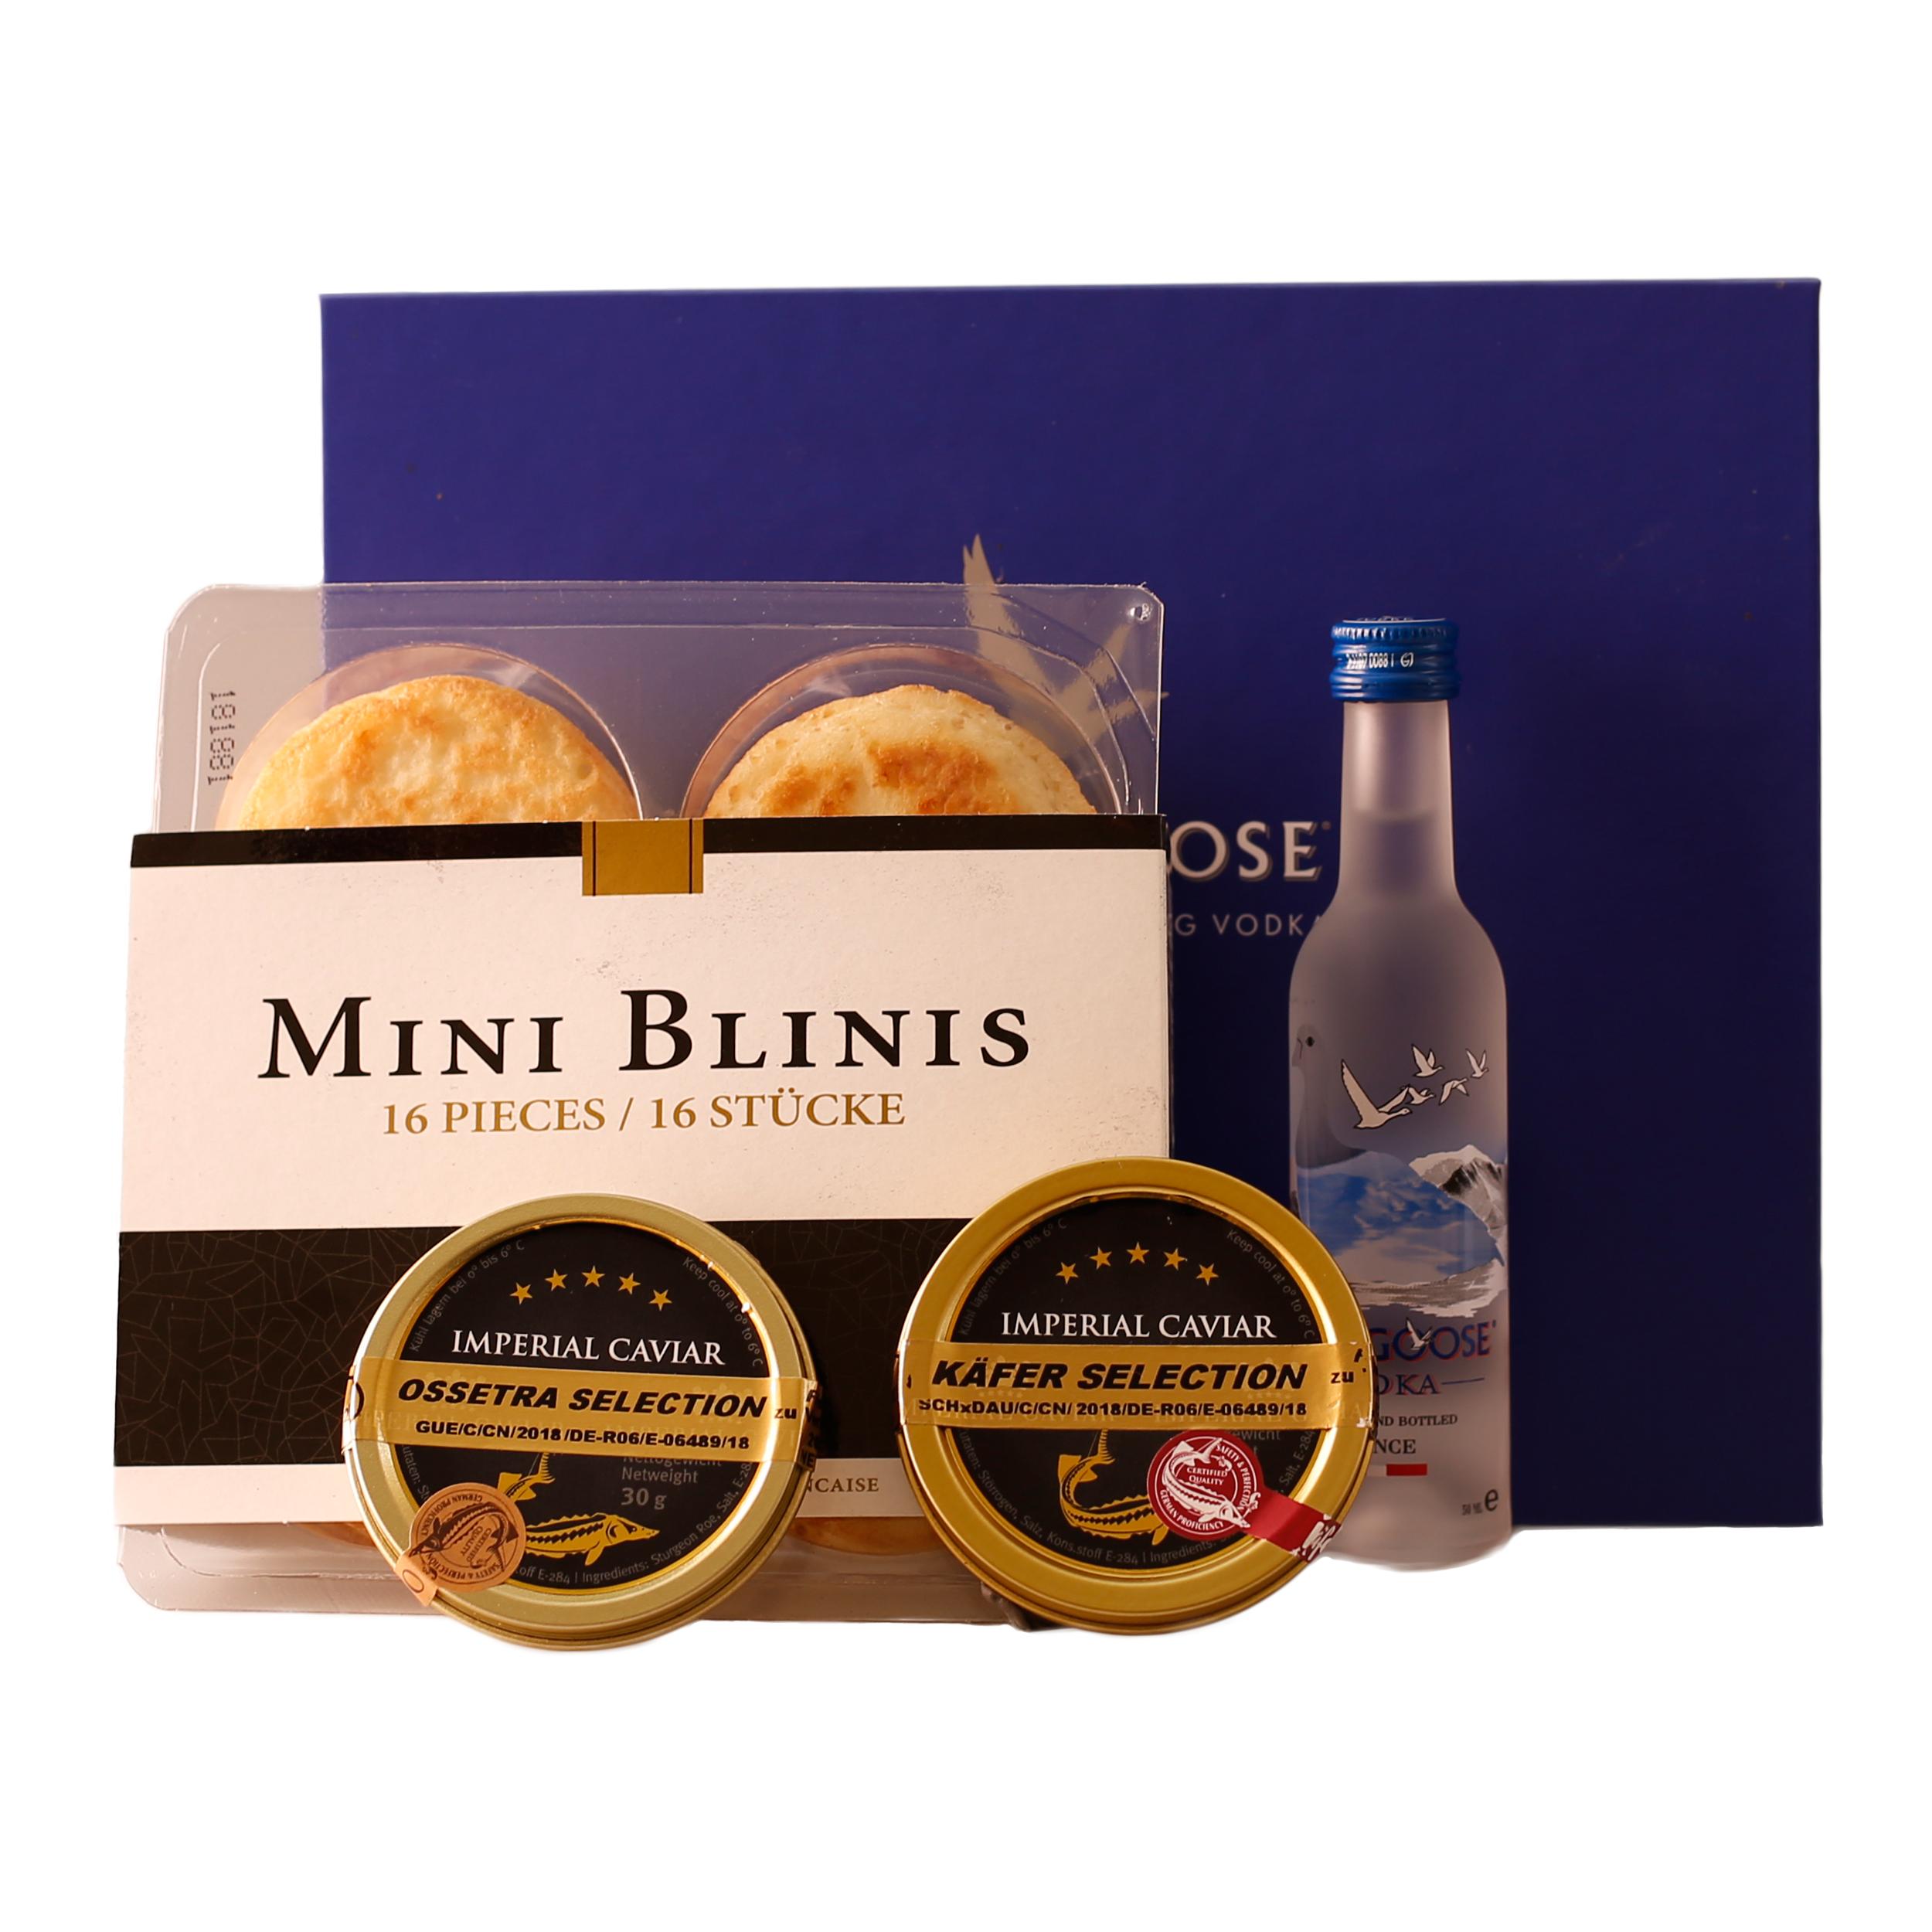 Ideal, um seine Lieblingssorte Kaviar herauszufinden. Jetzt bei Feinkost Käfer online bestellen!